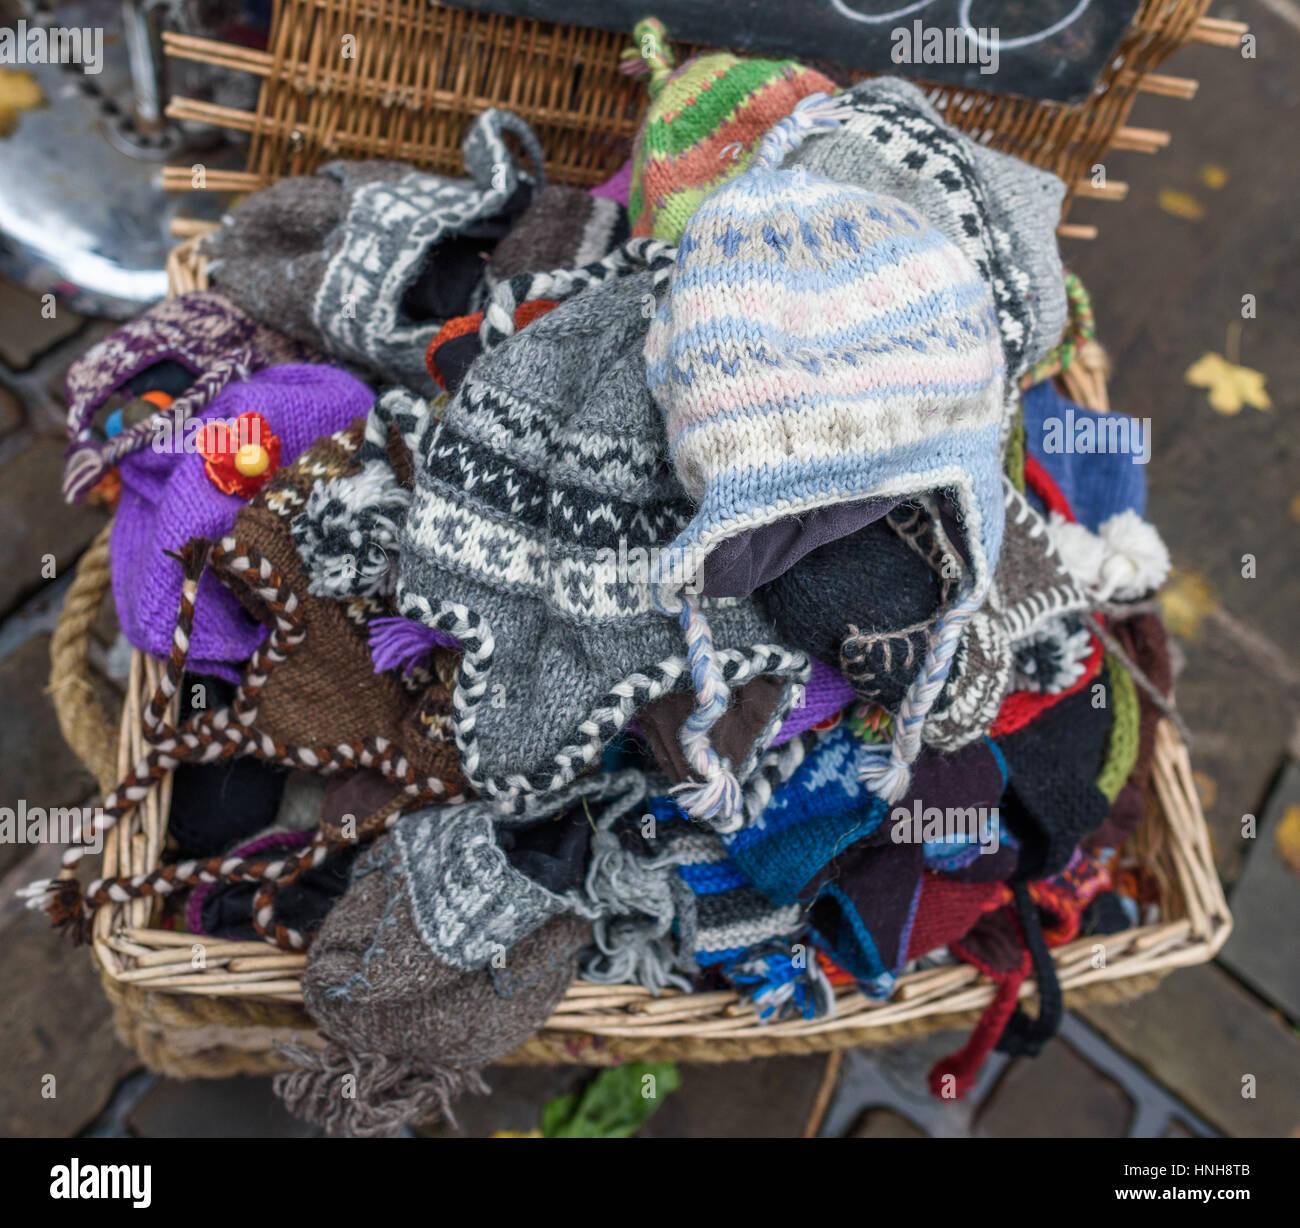 Una canasta de sombreros de lana tejida para la venta en un mercado al aire  libre c865f22487f